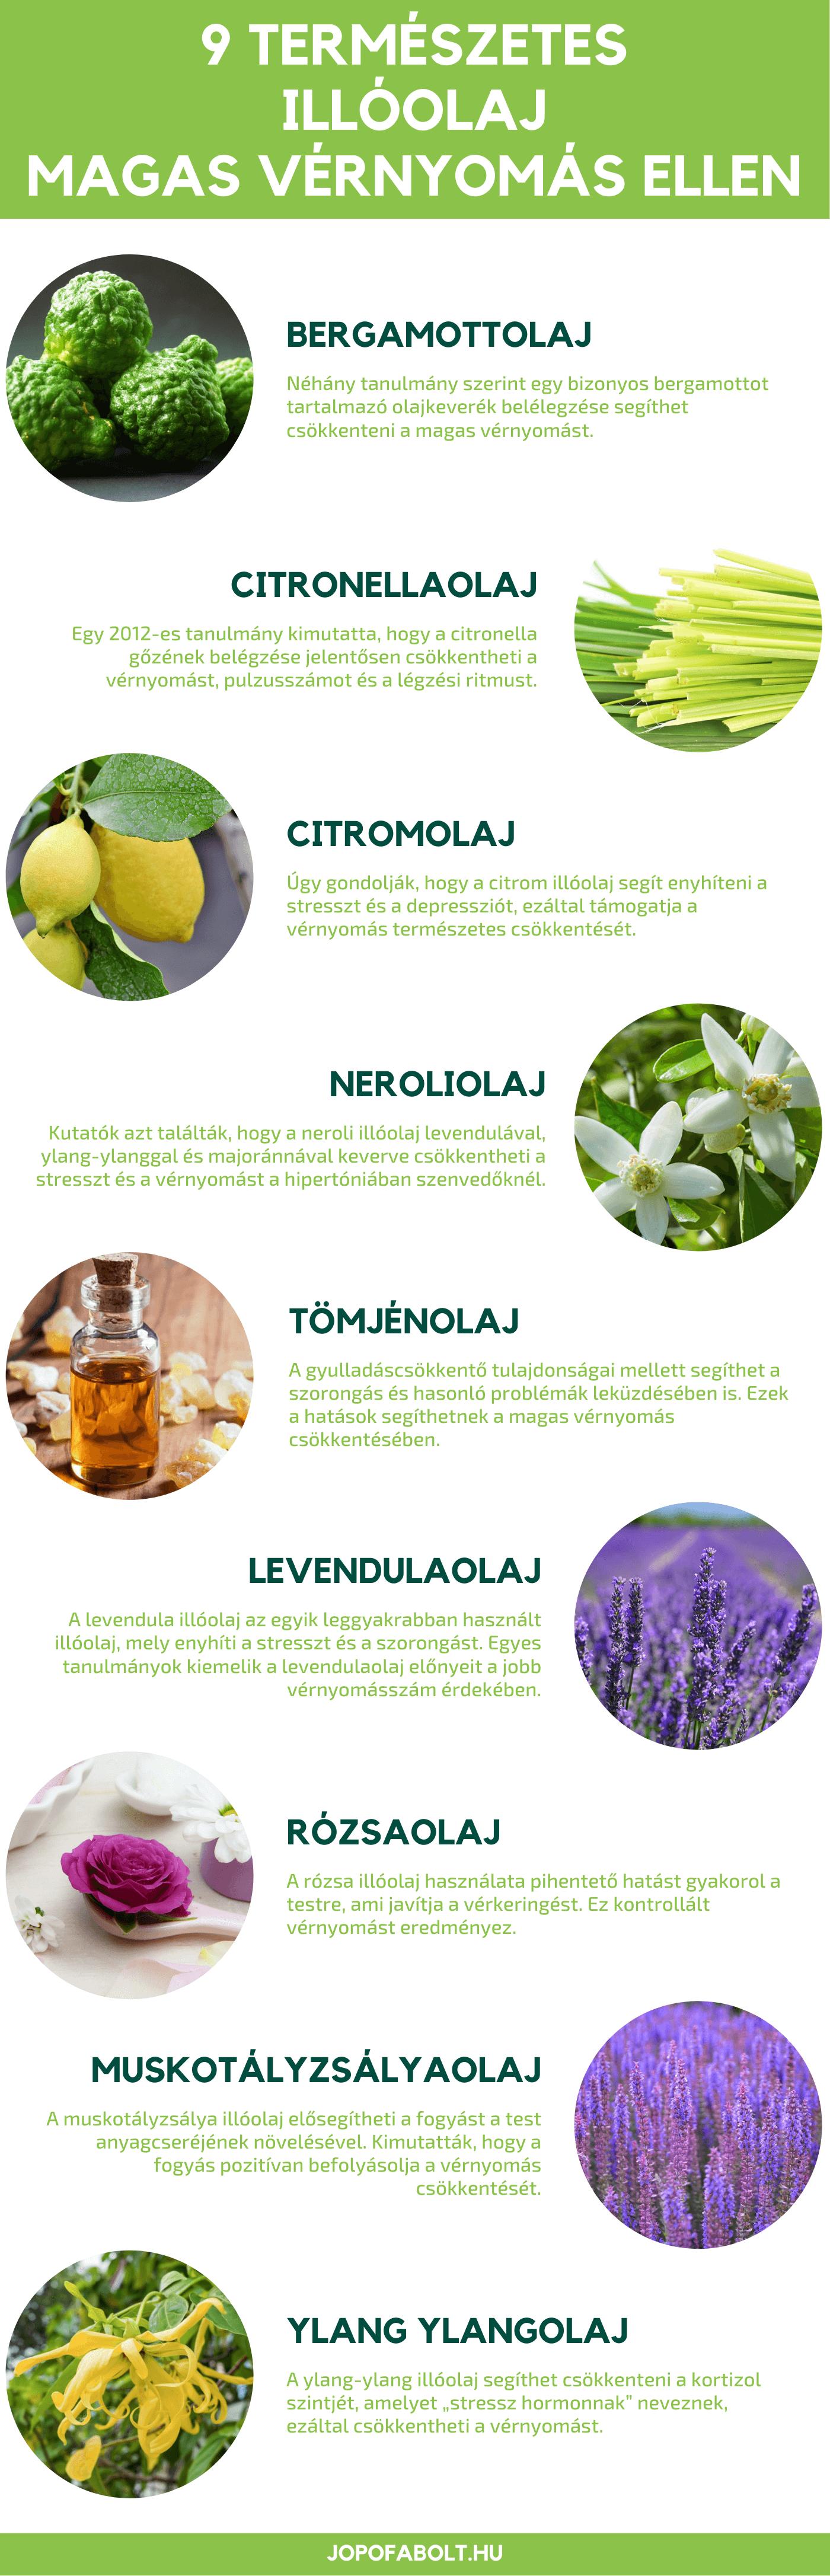 Hipertónia receptje a hagyományos orvoslásban - hoszukseglet-szamitas.hu